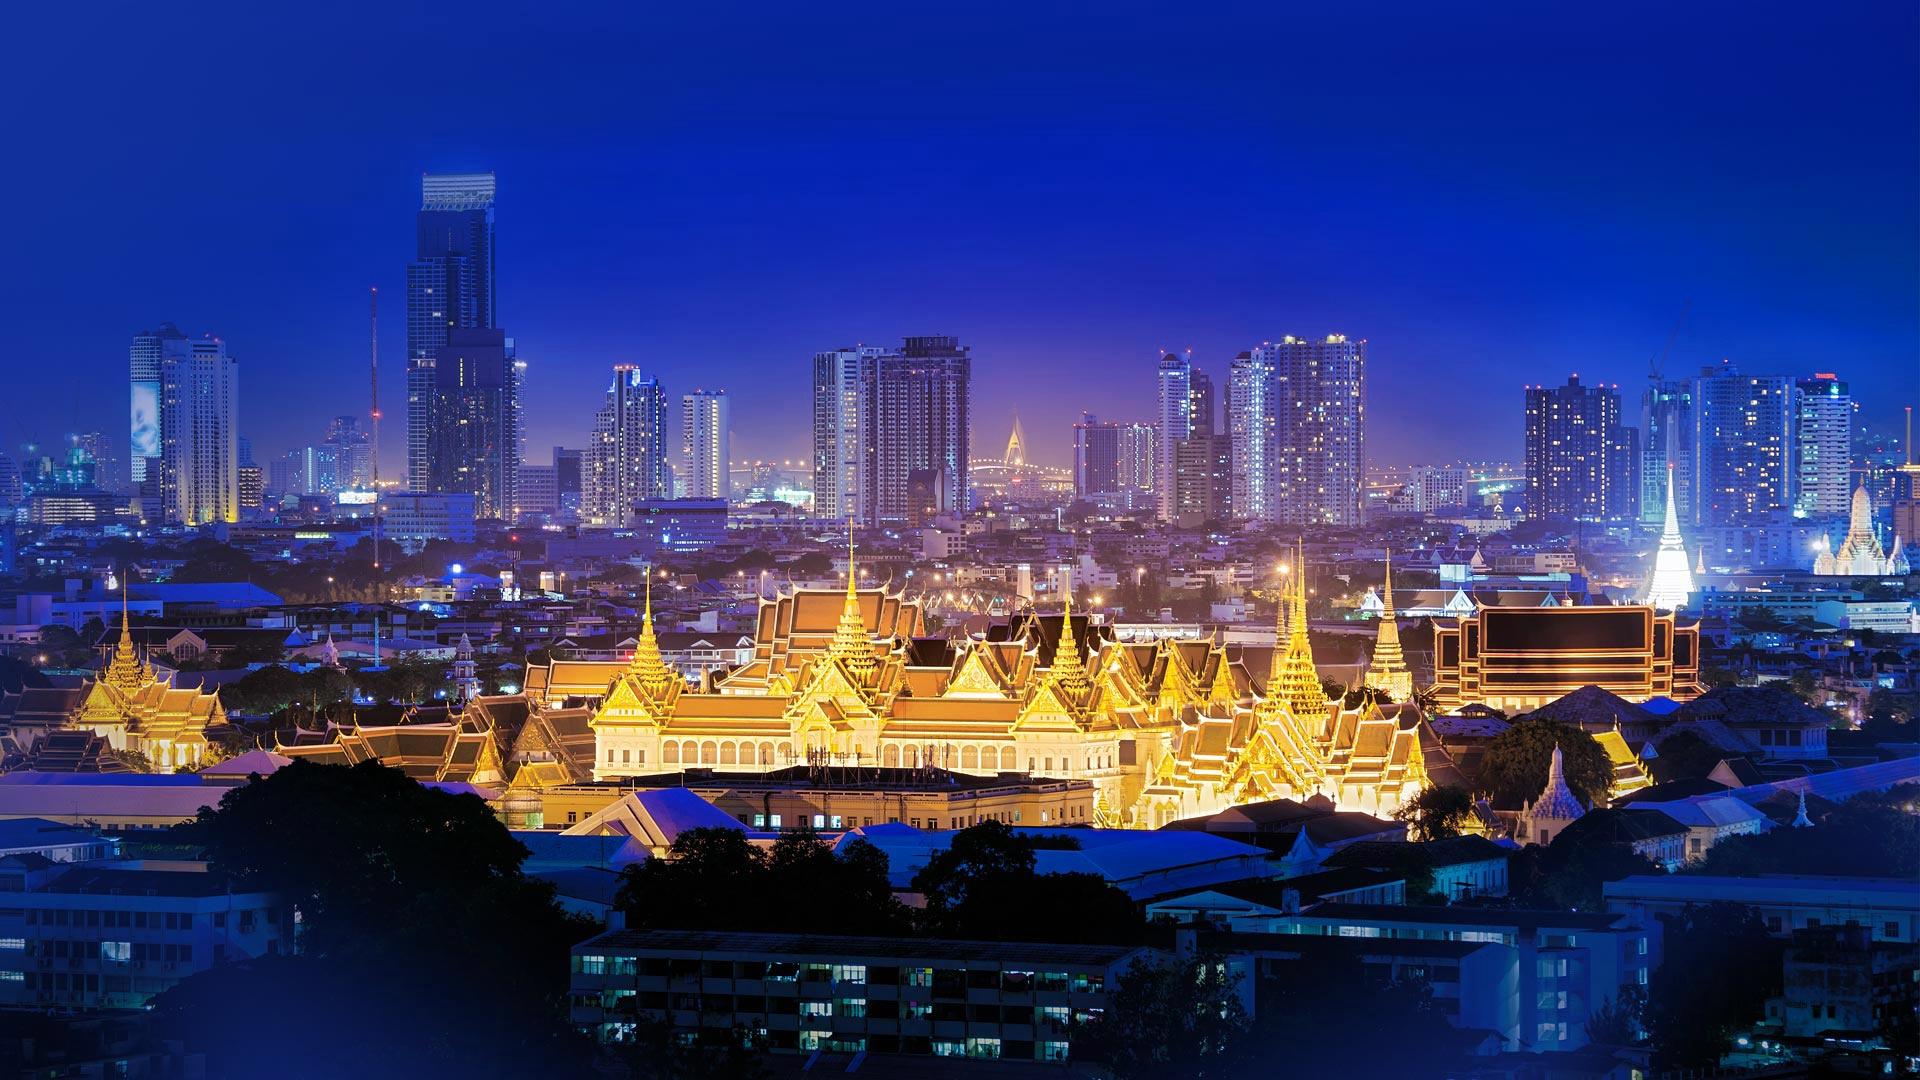 страны архитектура Бангкок Таиланд ночь  № 2195060 бесплатно